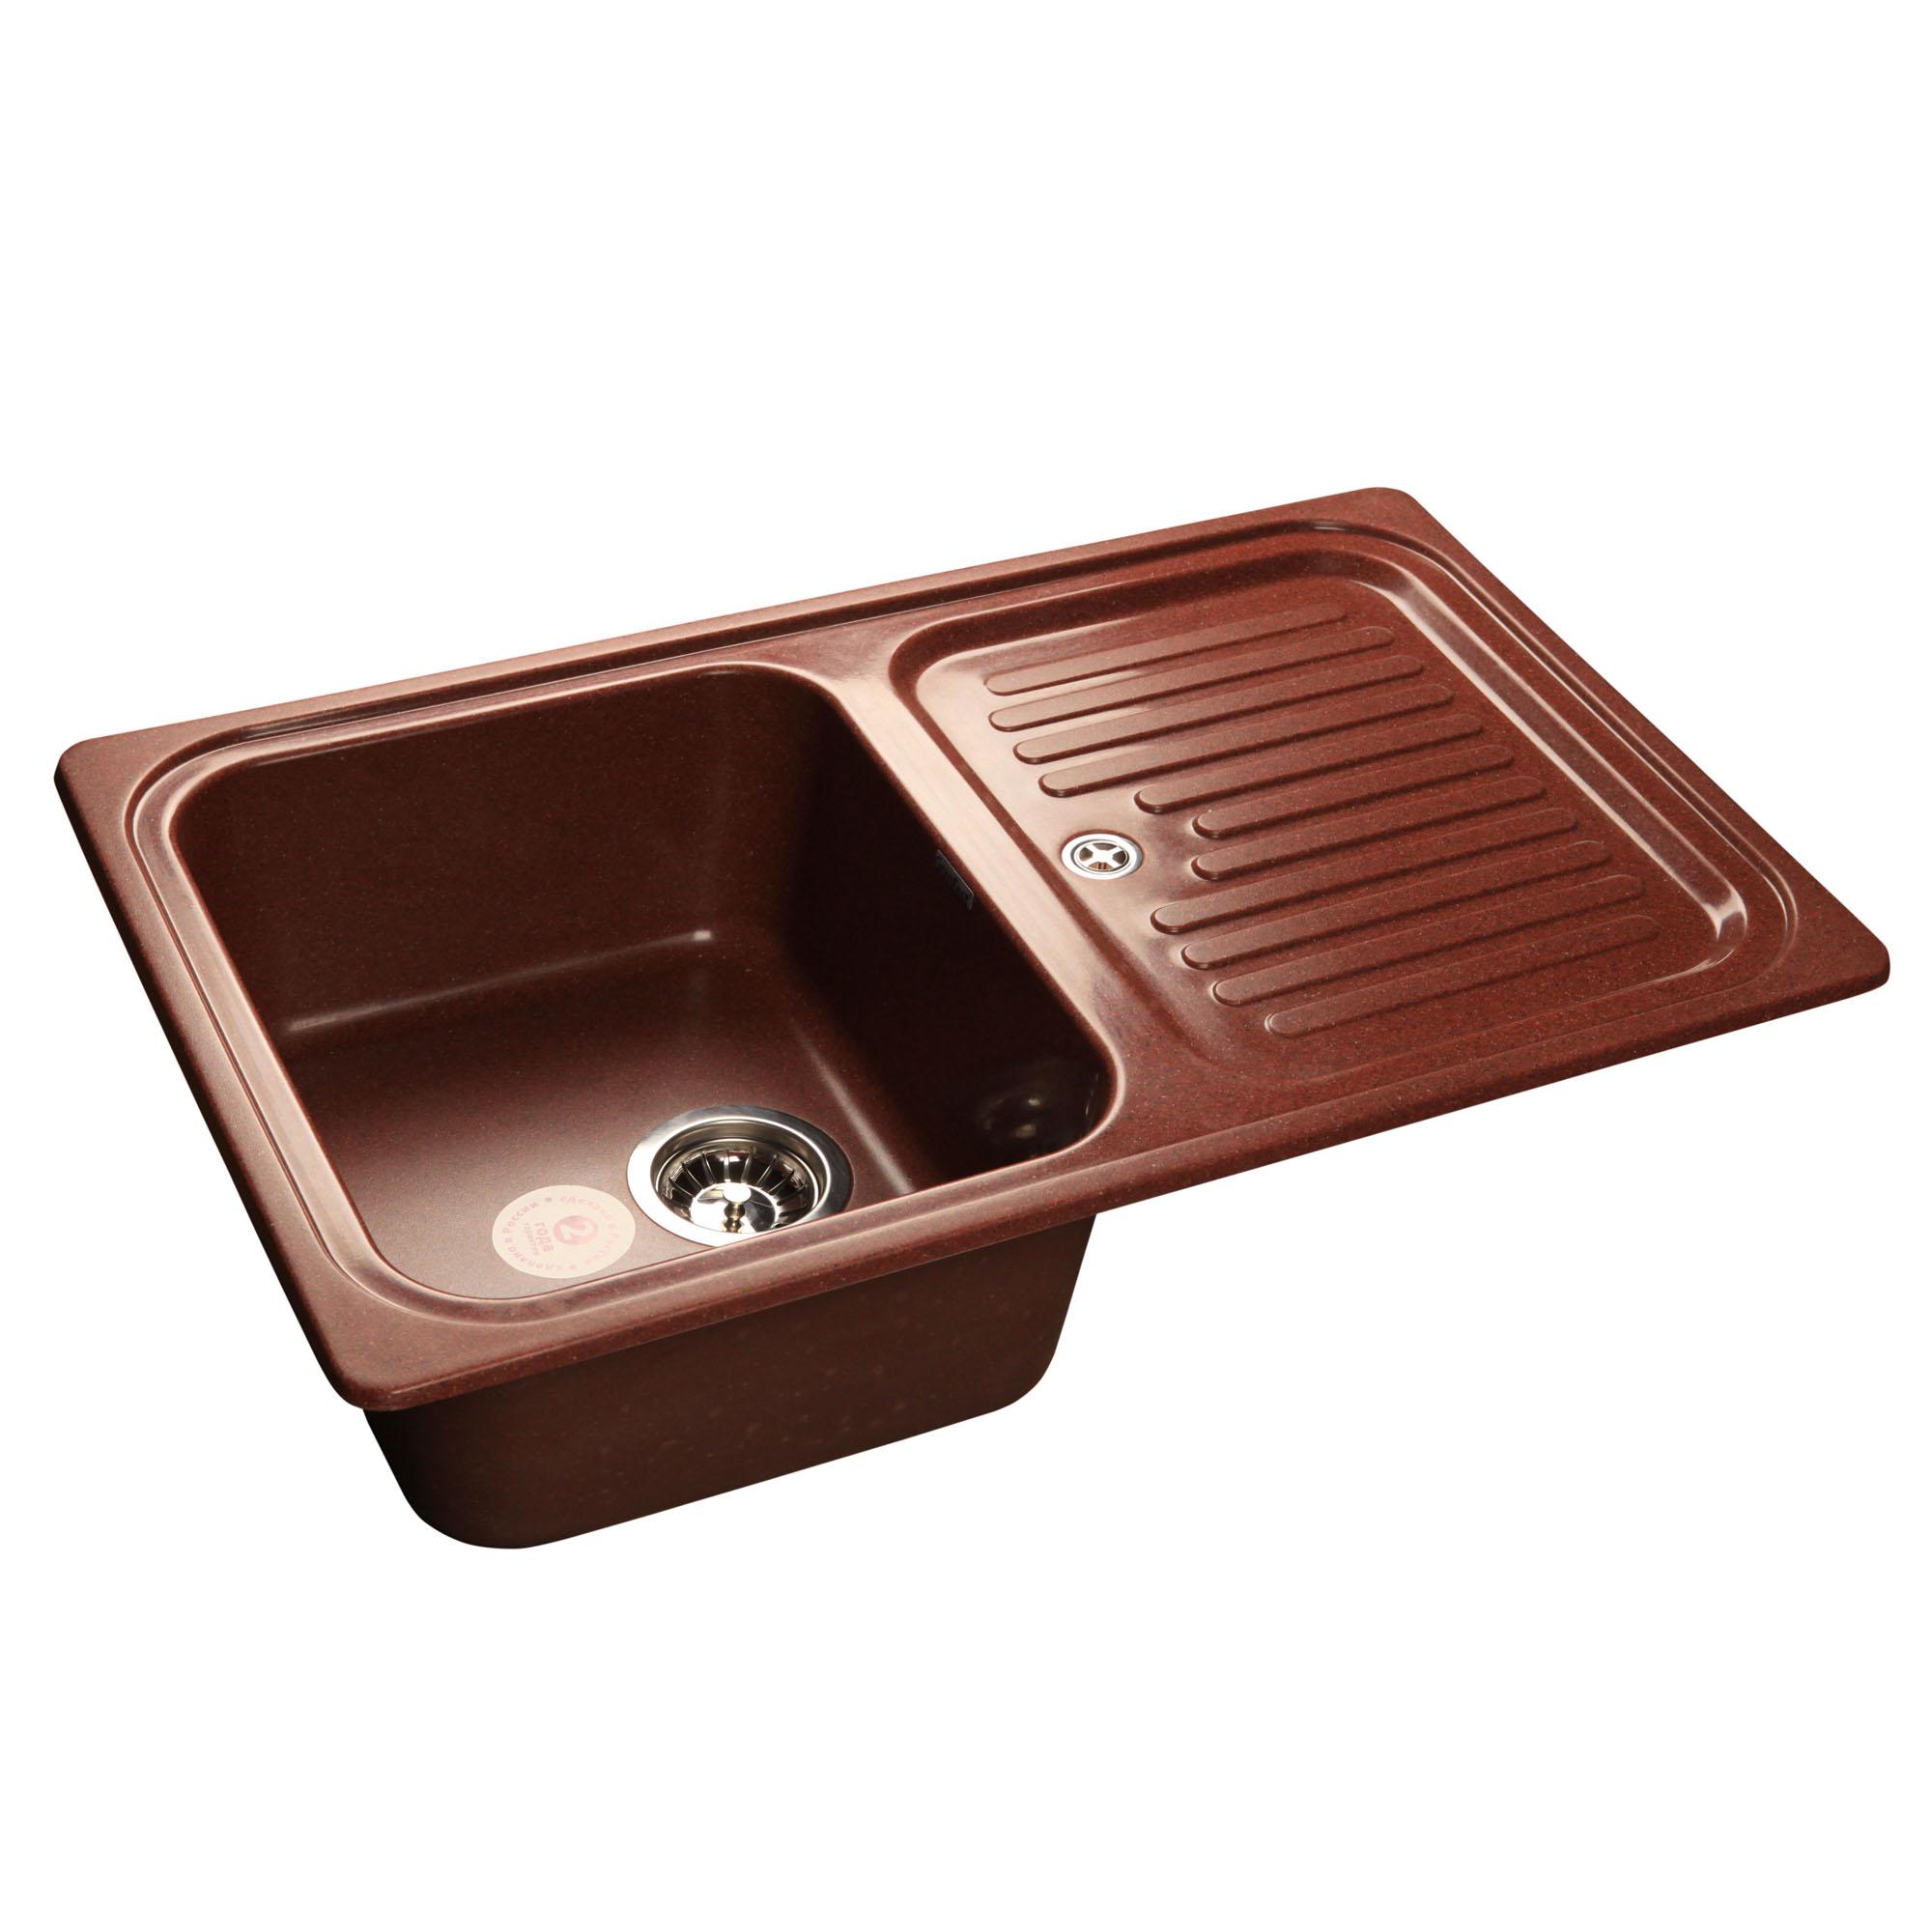 Кухонная мойка GranFest Standart GF-S780L красный марс мойка кухонная granfest gf s780l песок чаша крыло